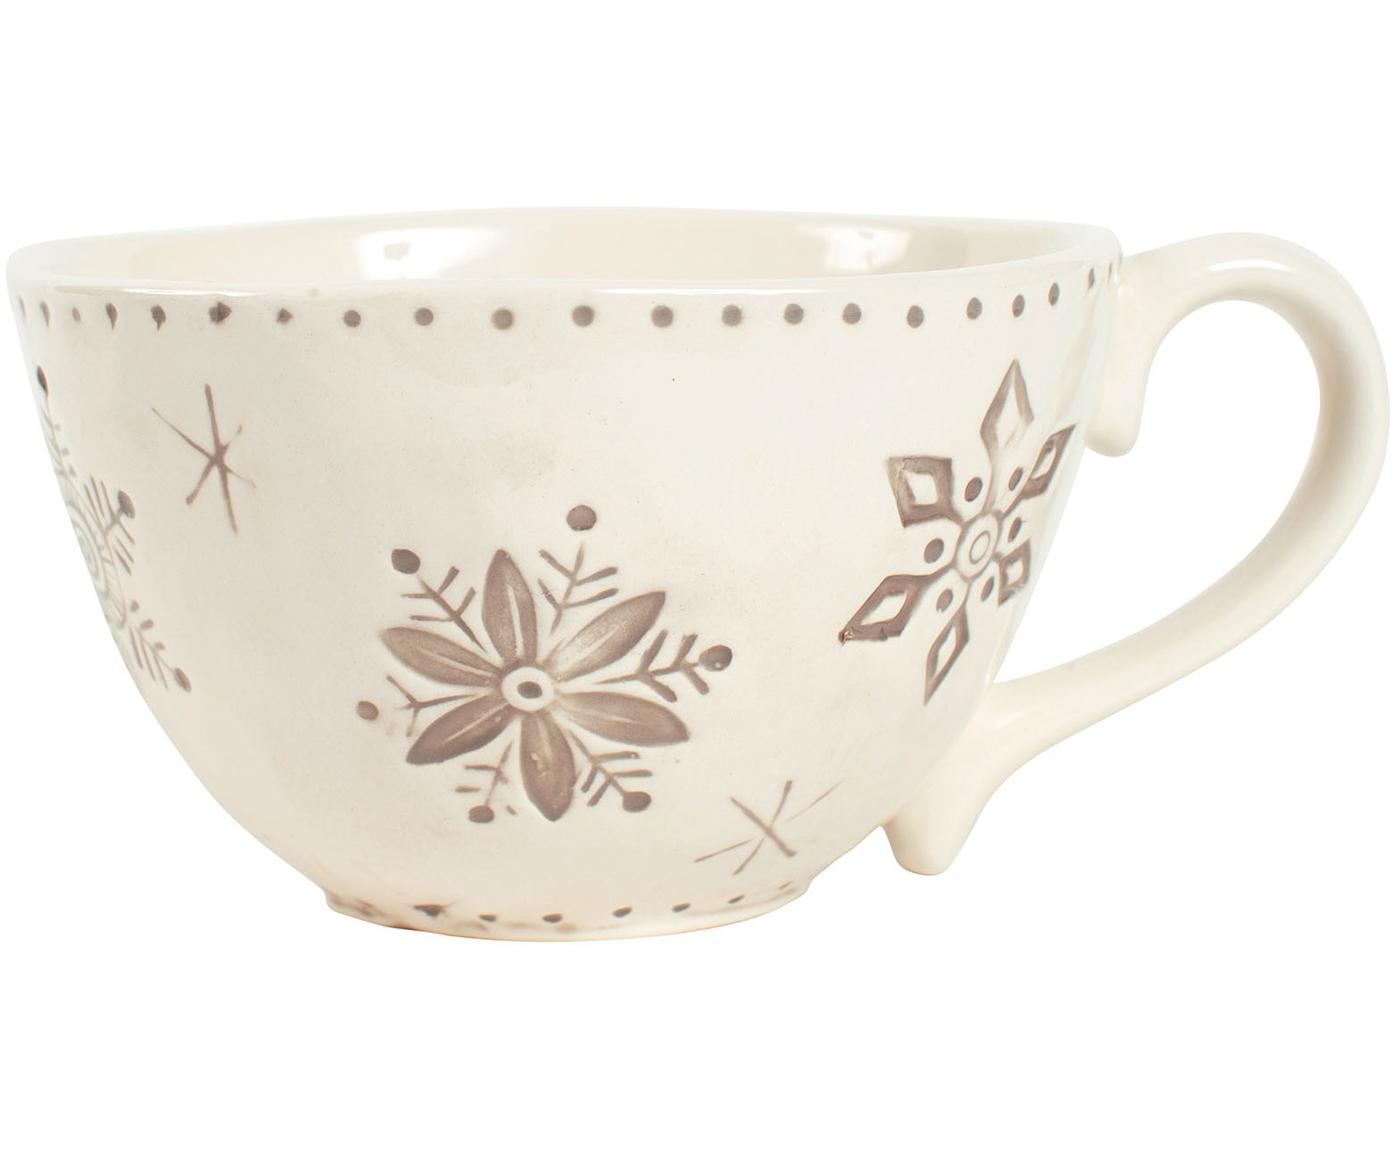 XL koffiekopje Neige met sneeuwvlokken motief, Keramiek, Grijs, beige, Ø 14 x H 9 cm